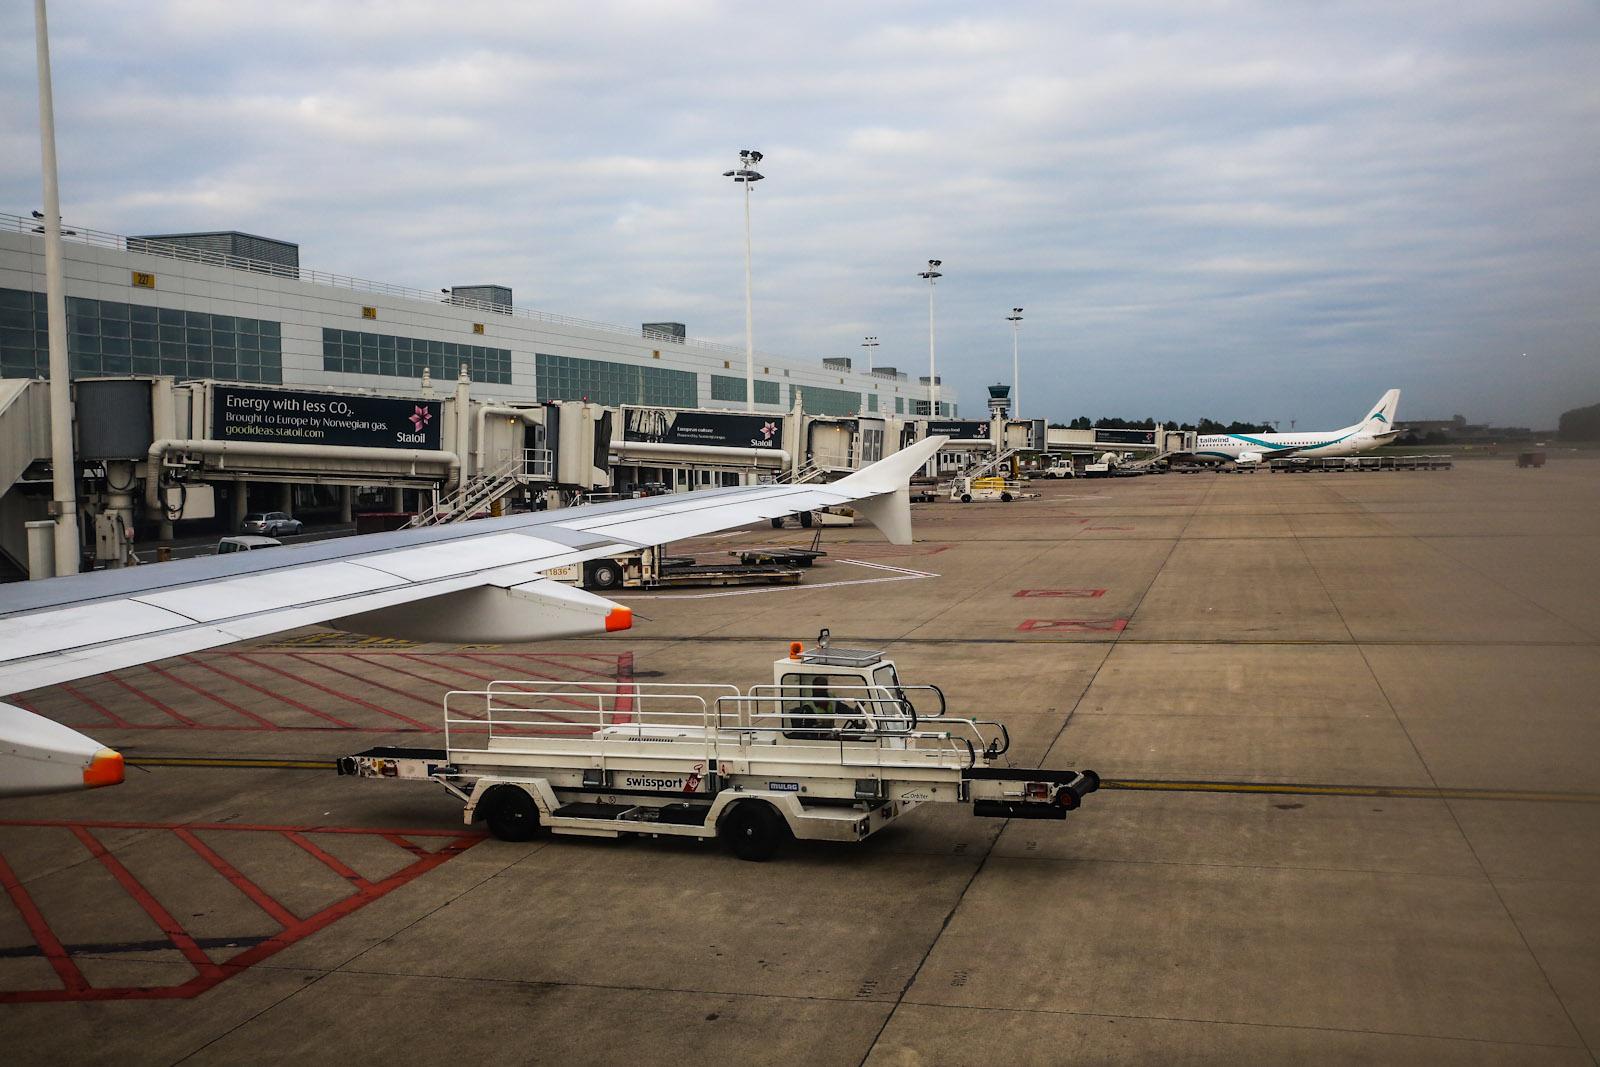 Пассажирский терминал аэропорта Брюссель